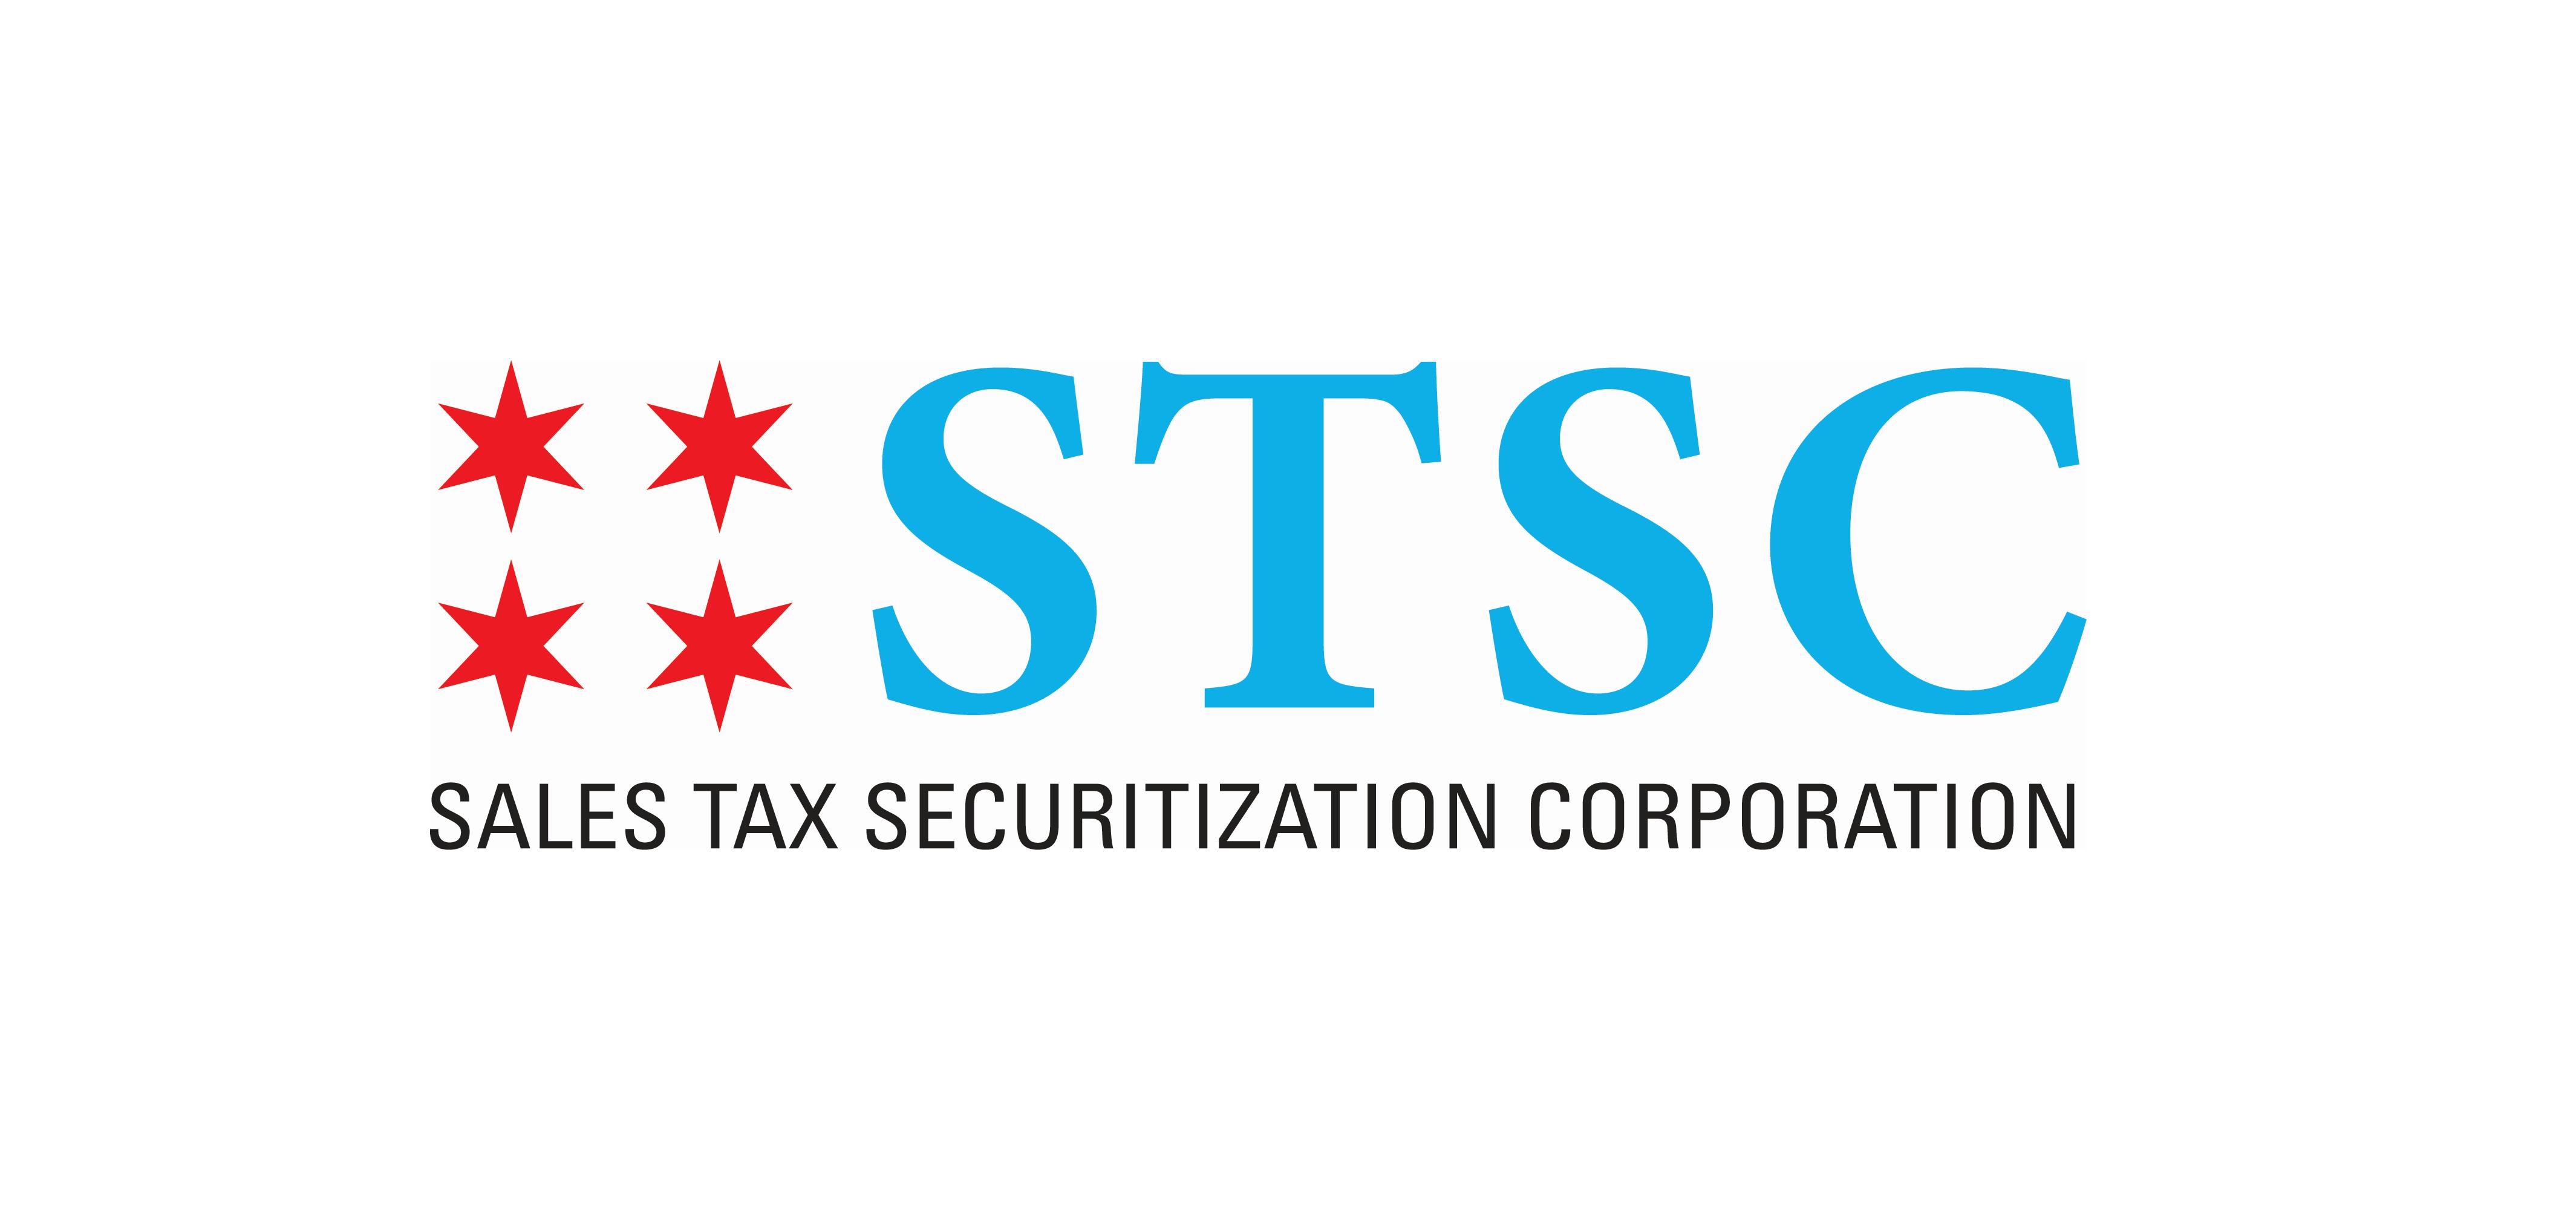 Sales Tax Securitization Corporation